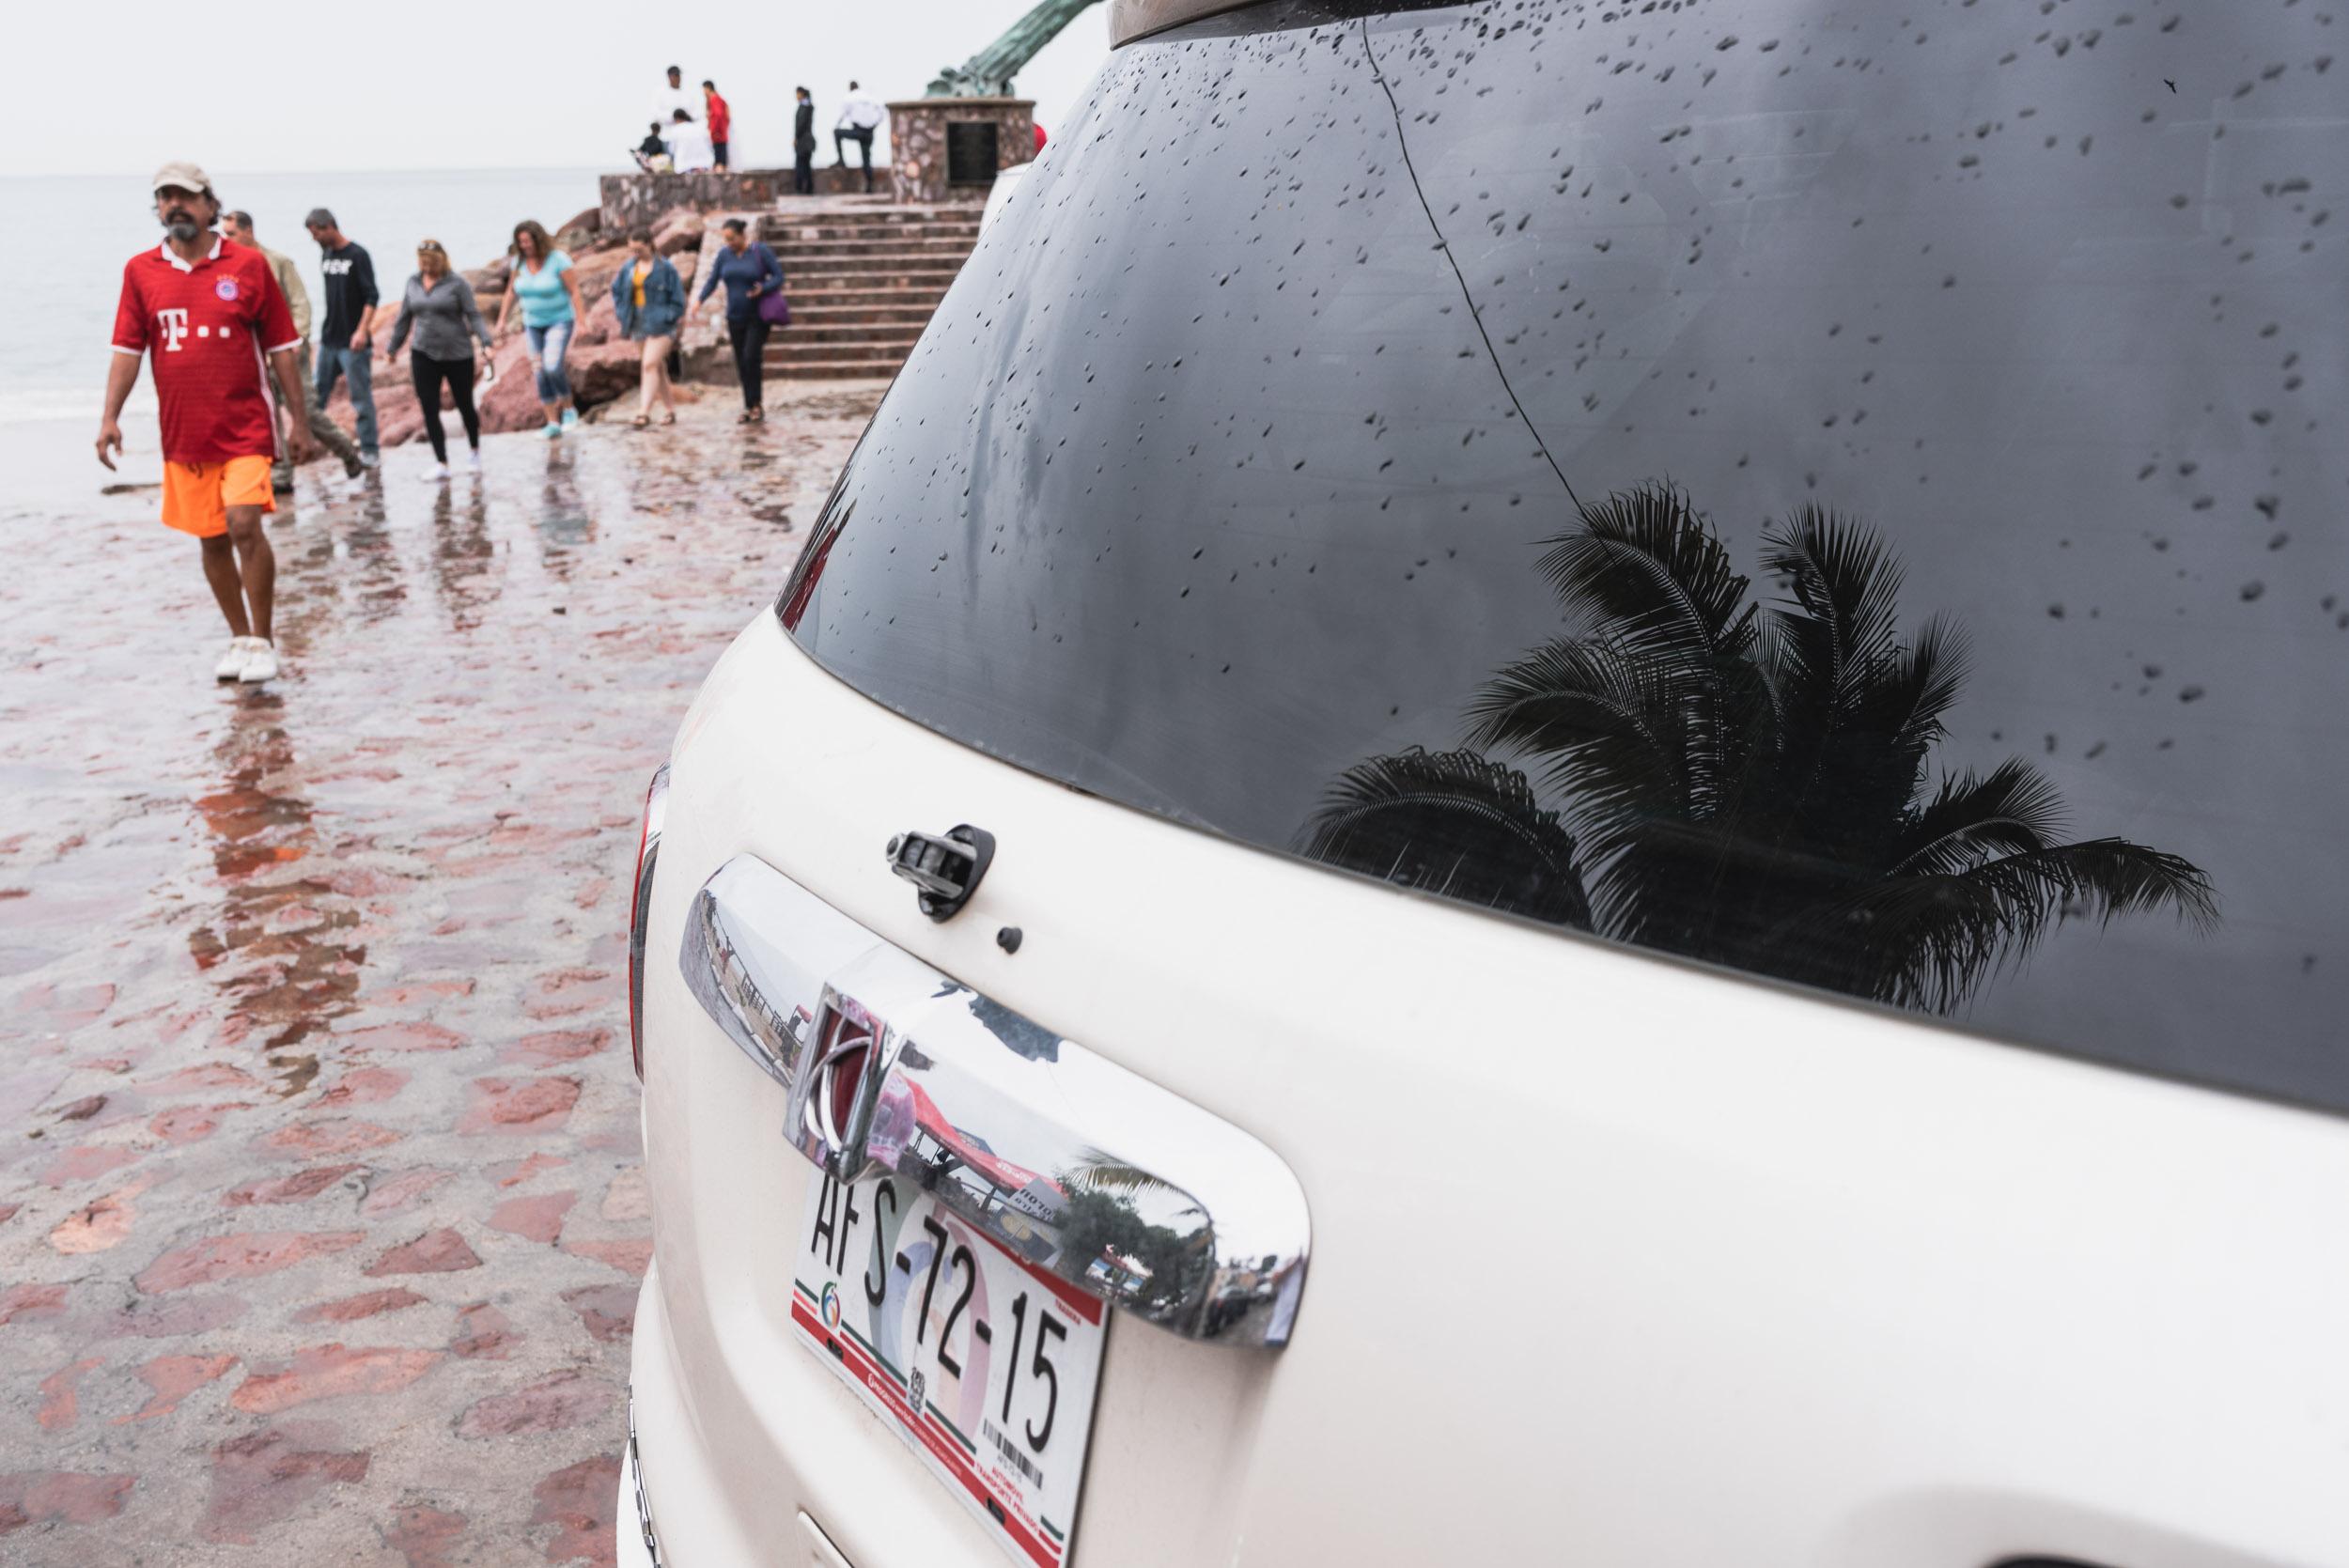 Puerto Vallarta Malecon street scene